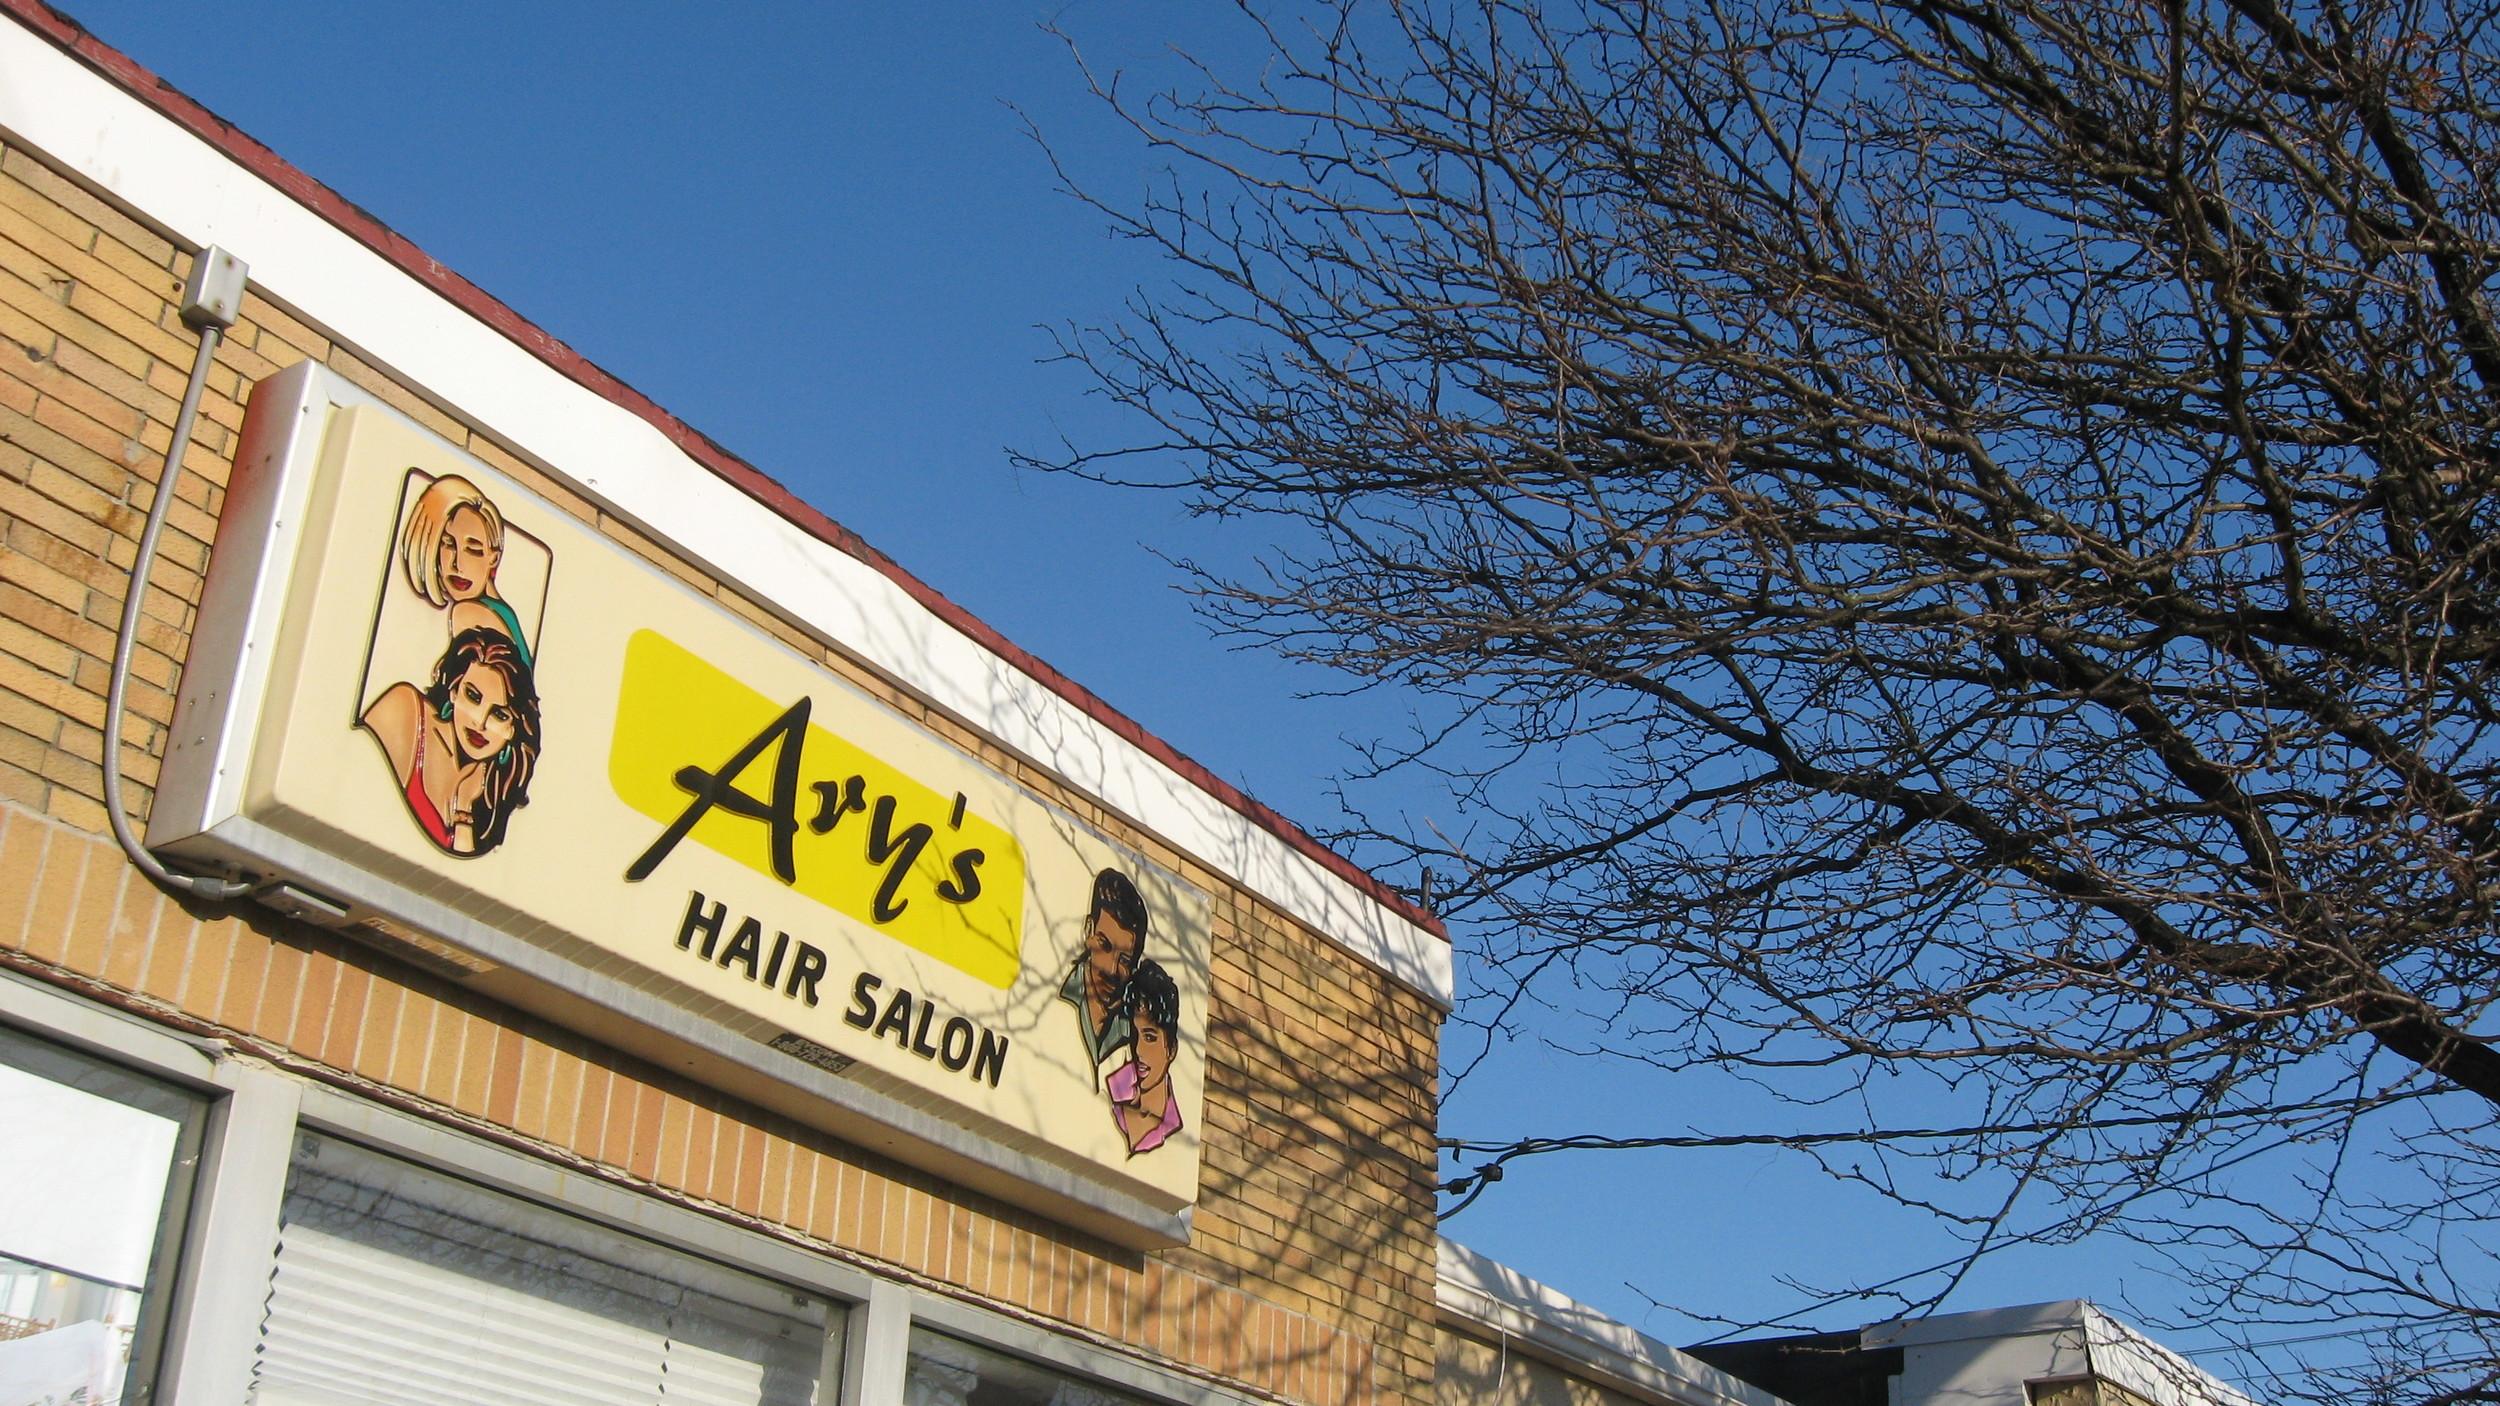 Ary's Hair Salon, East Boston, MA